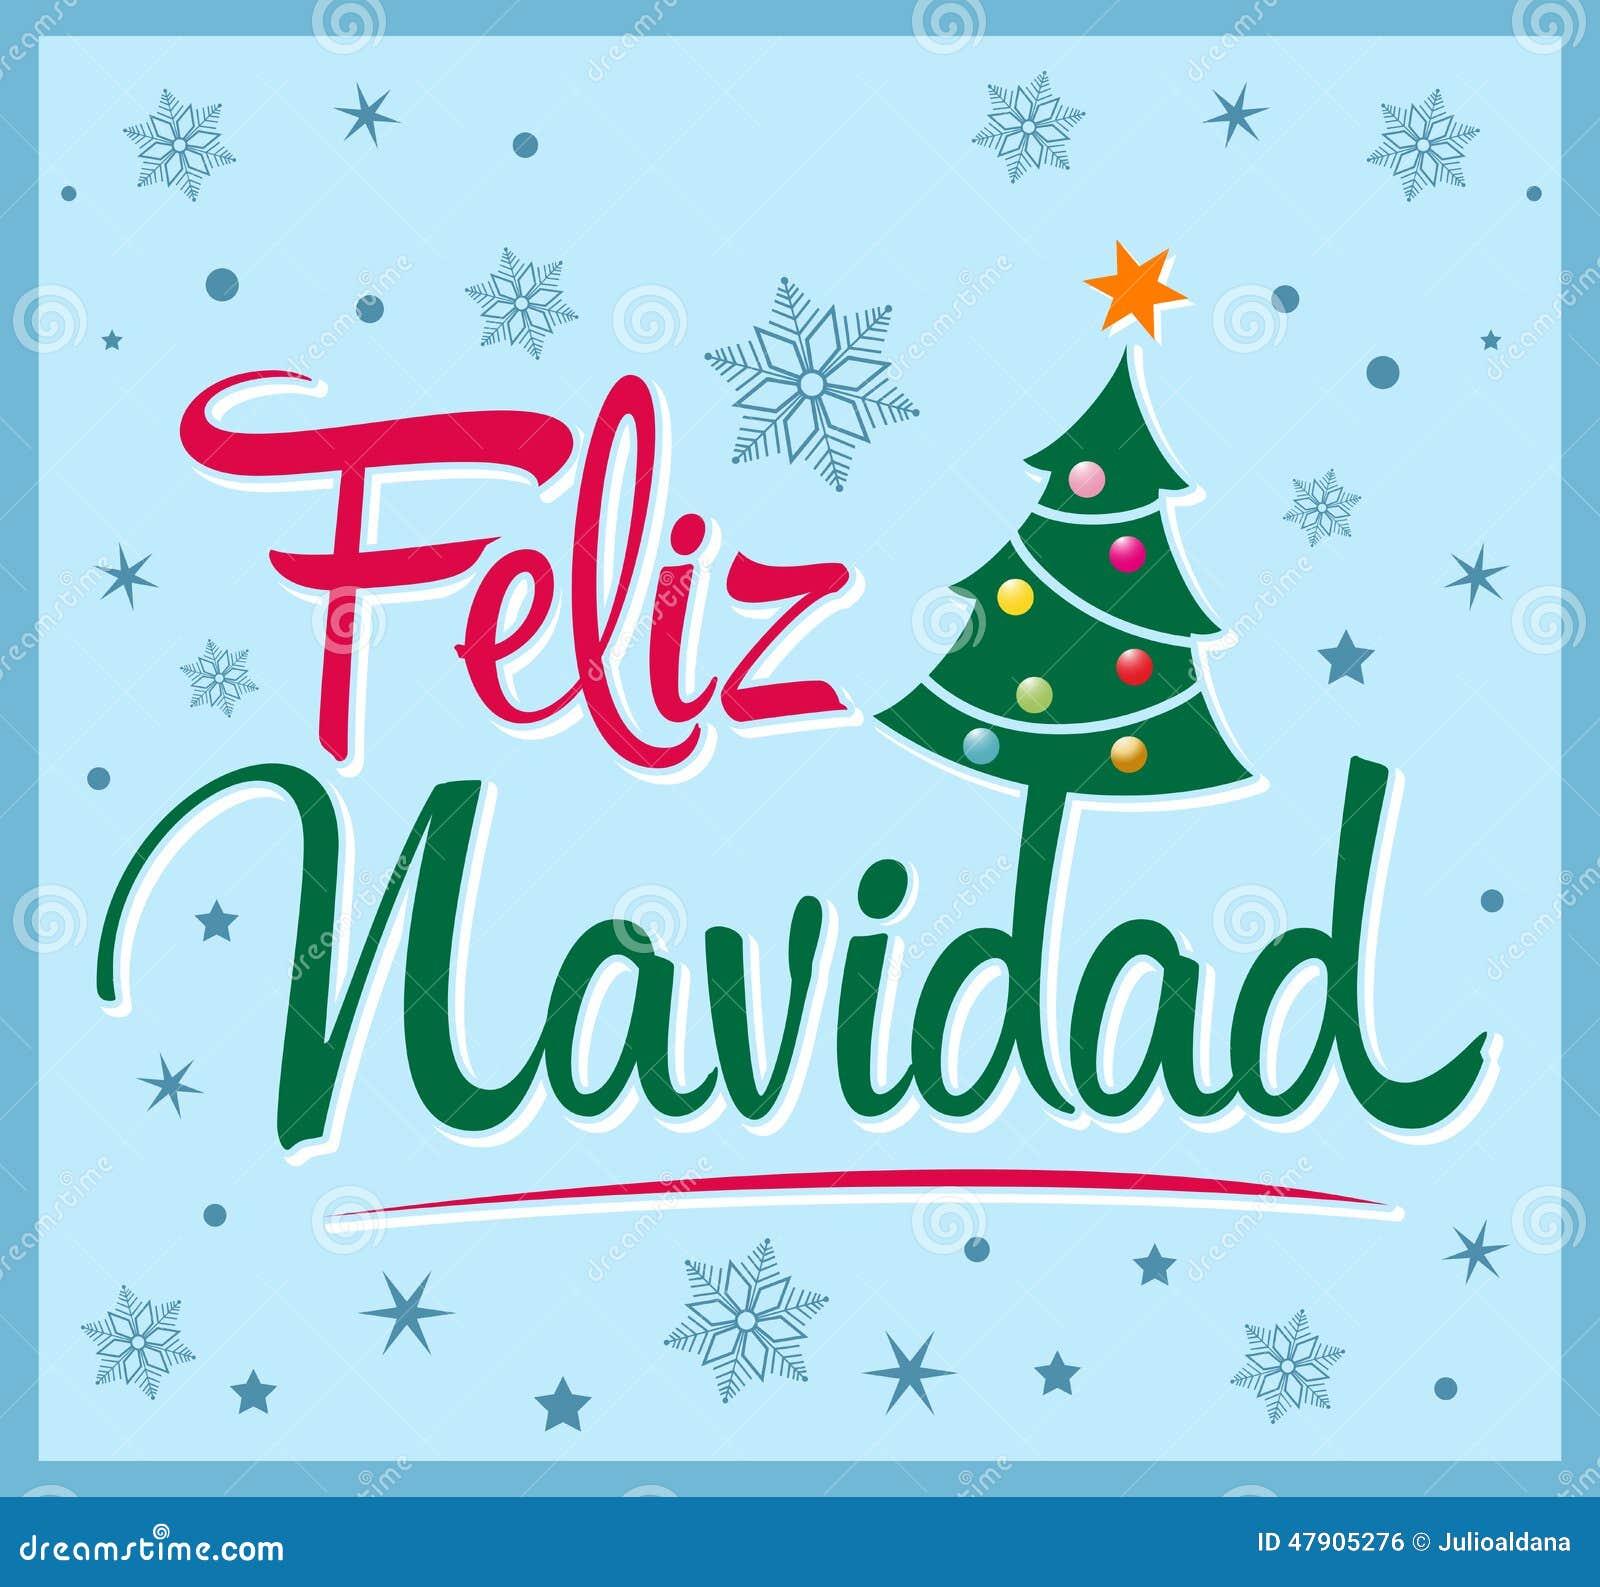 Buon Natale In Spagnolo.Feliz Navidad Testo Dello Spagnolo Di Buon Natale Illustrazione Vettoriale Illustrazione Di Festivo Congratulazioni 47905276